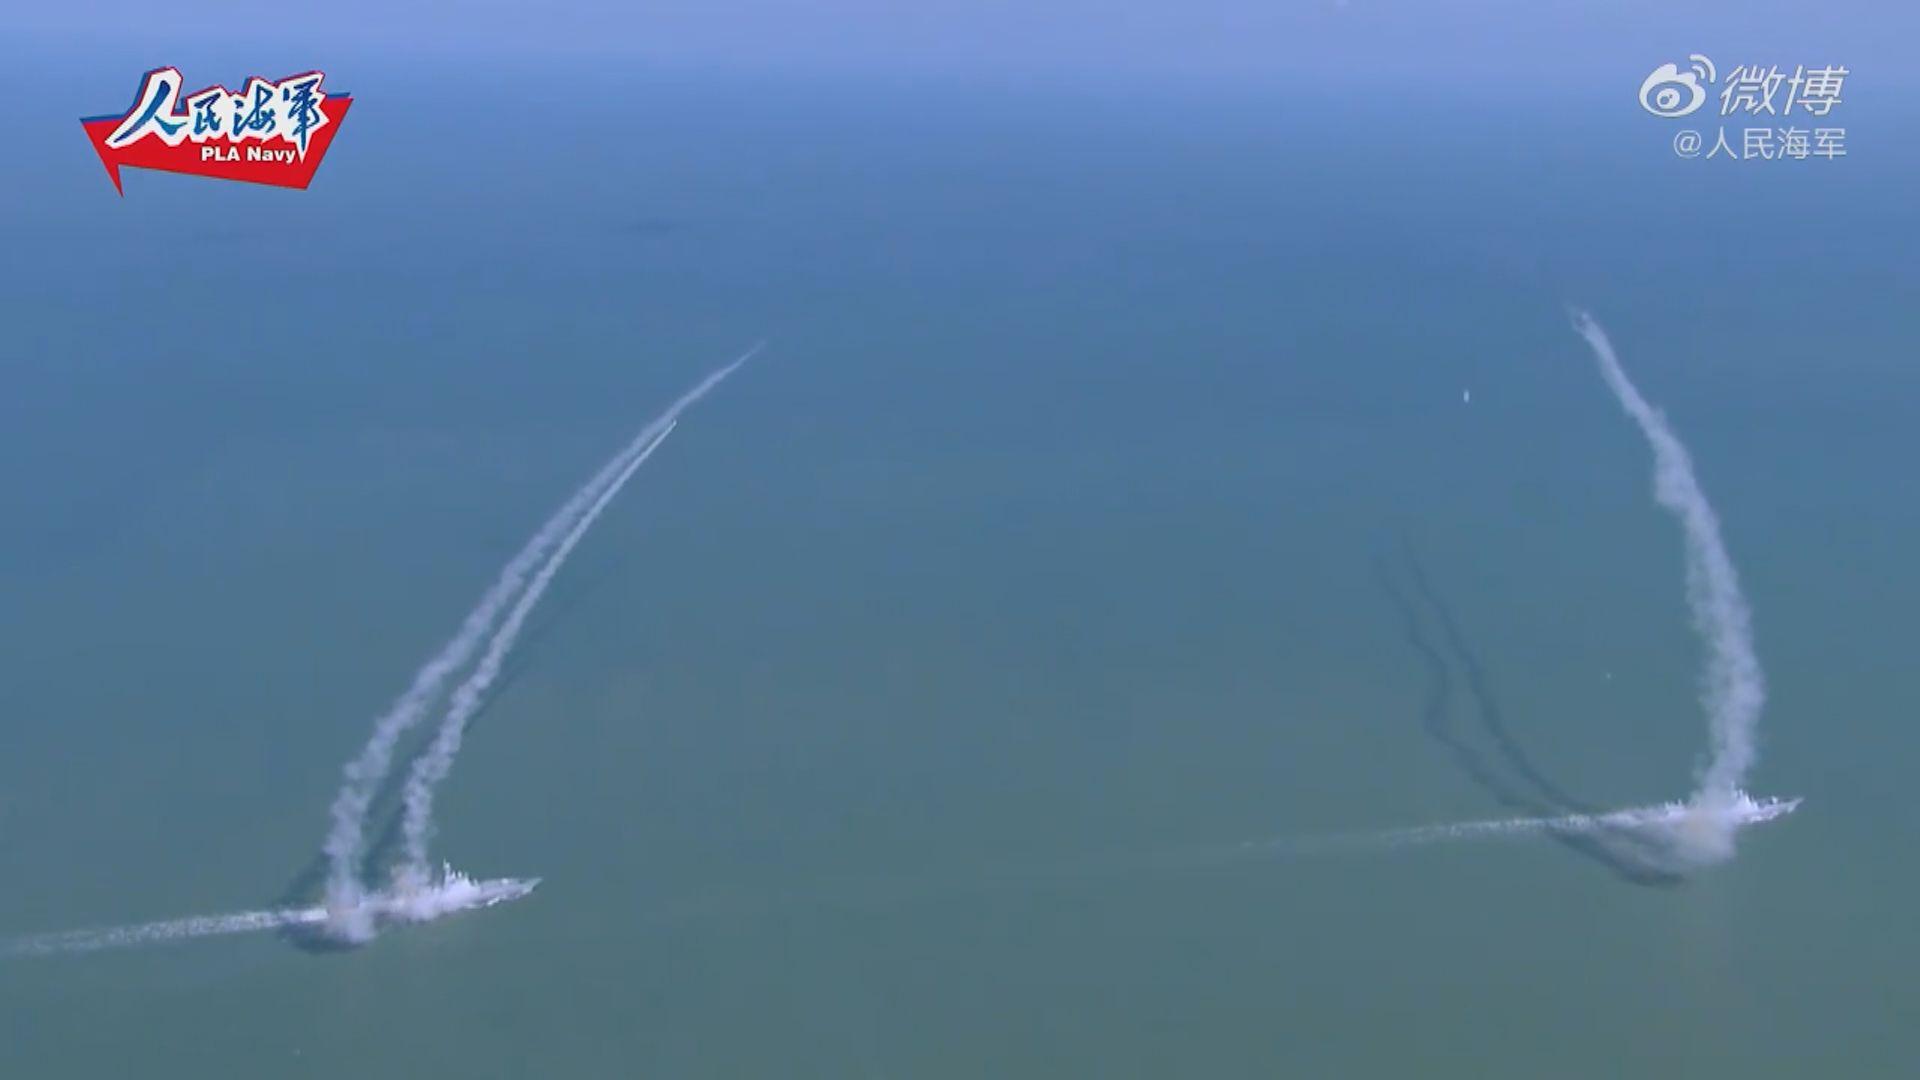 解放軍公開搶灘演習兩航母「同現」